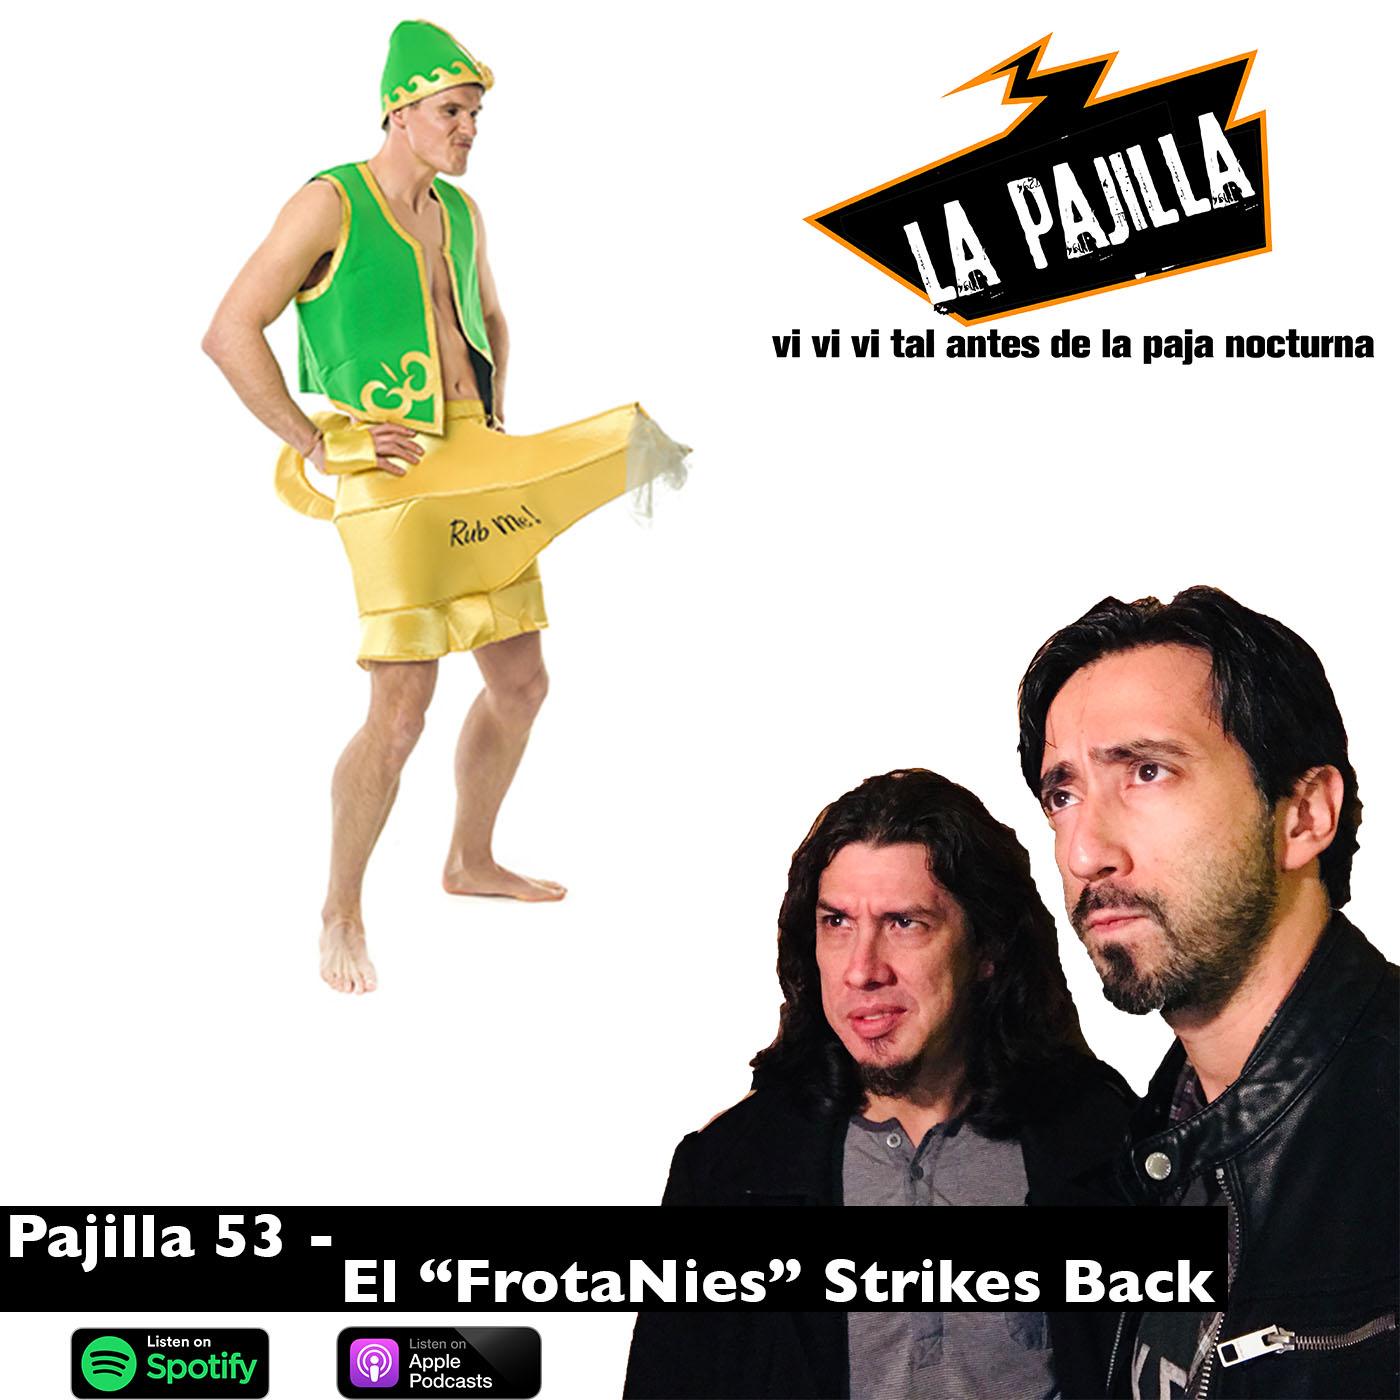 La Paja Nocturna Podcast CR Pajilla 53